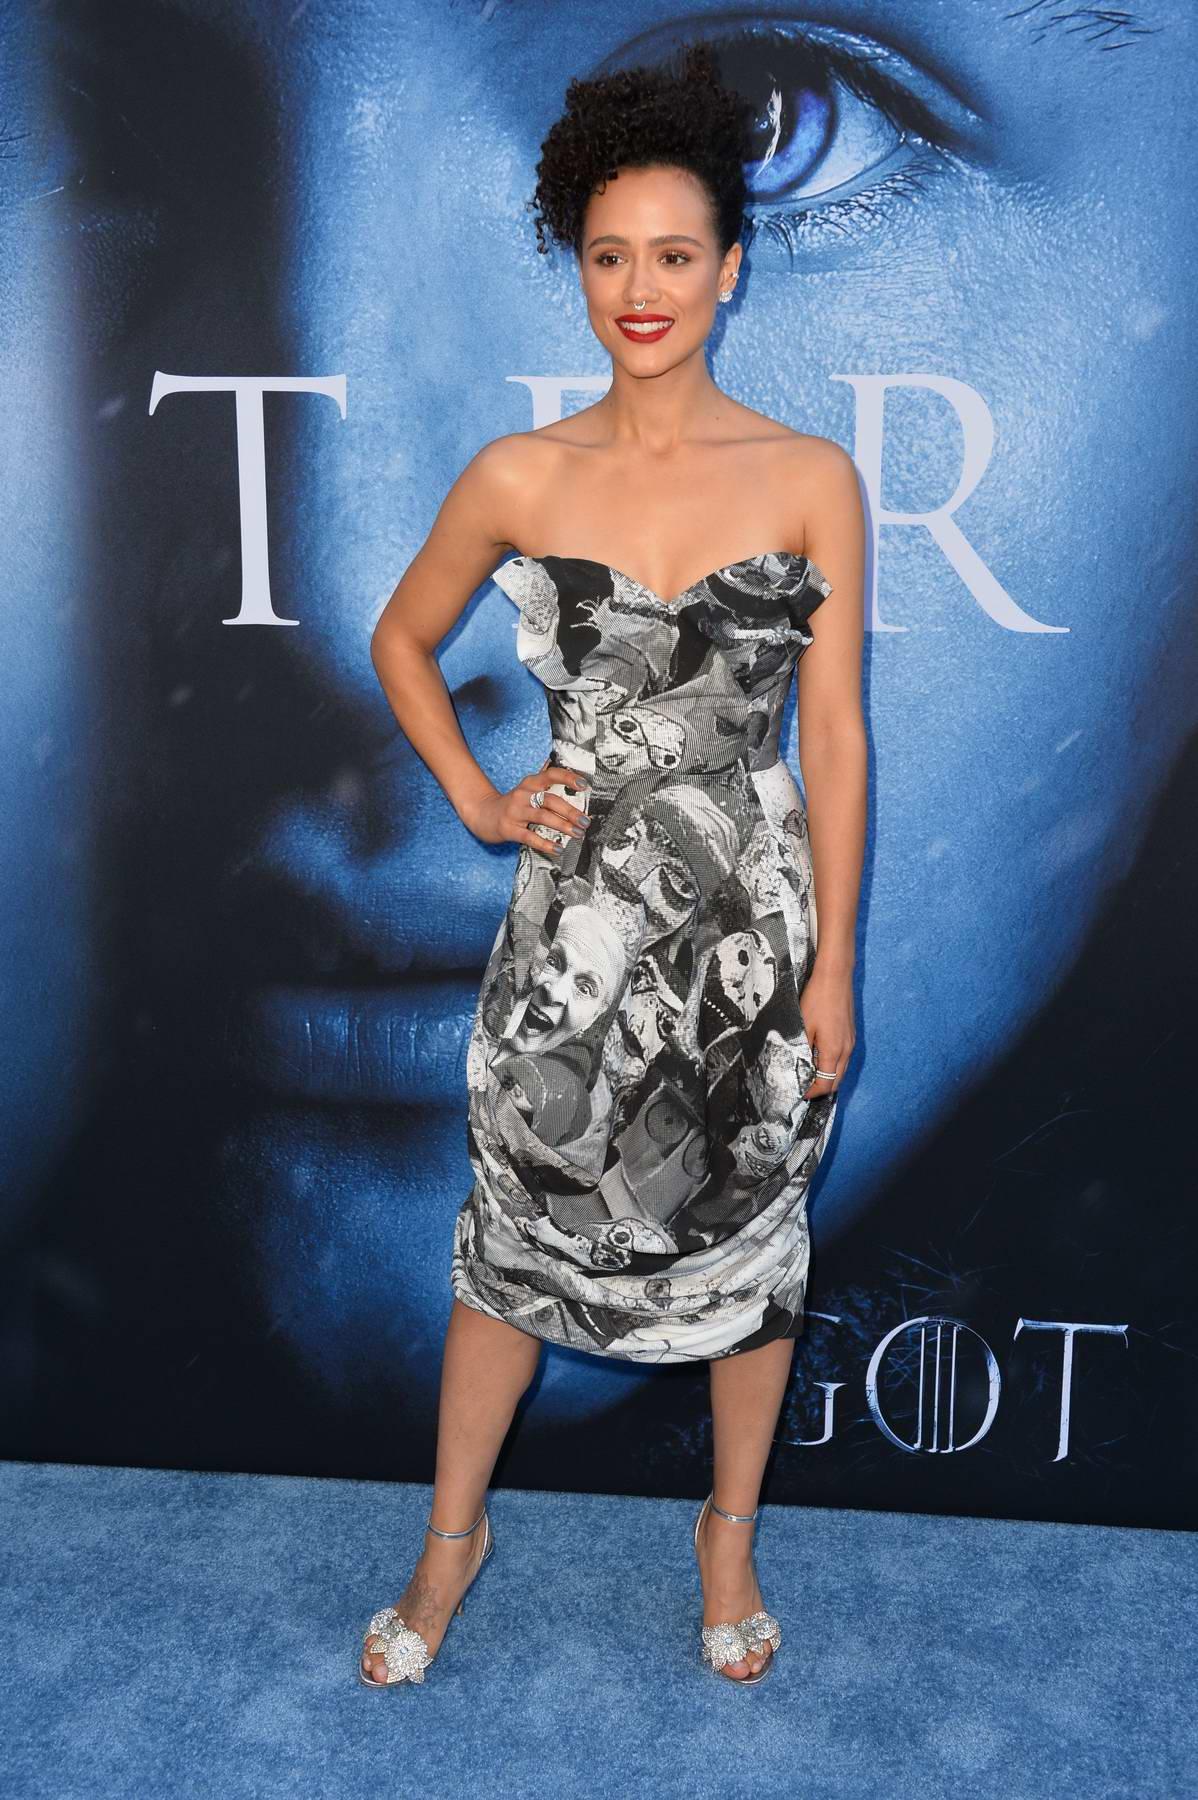 Nathalie Emmanuel at HBO's Game of Thrones Season 7 Premiere in Los Angeles